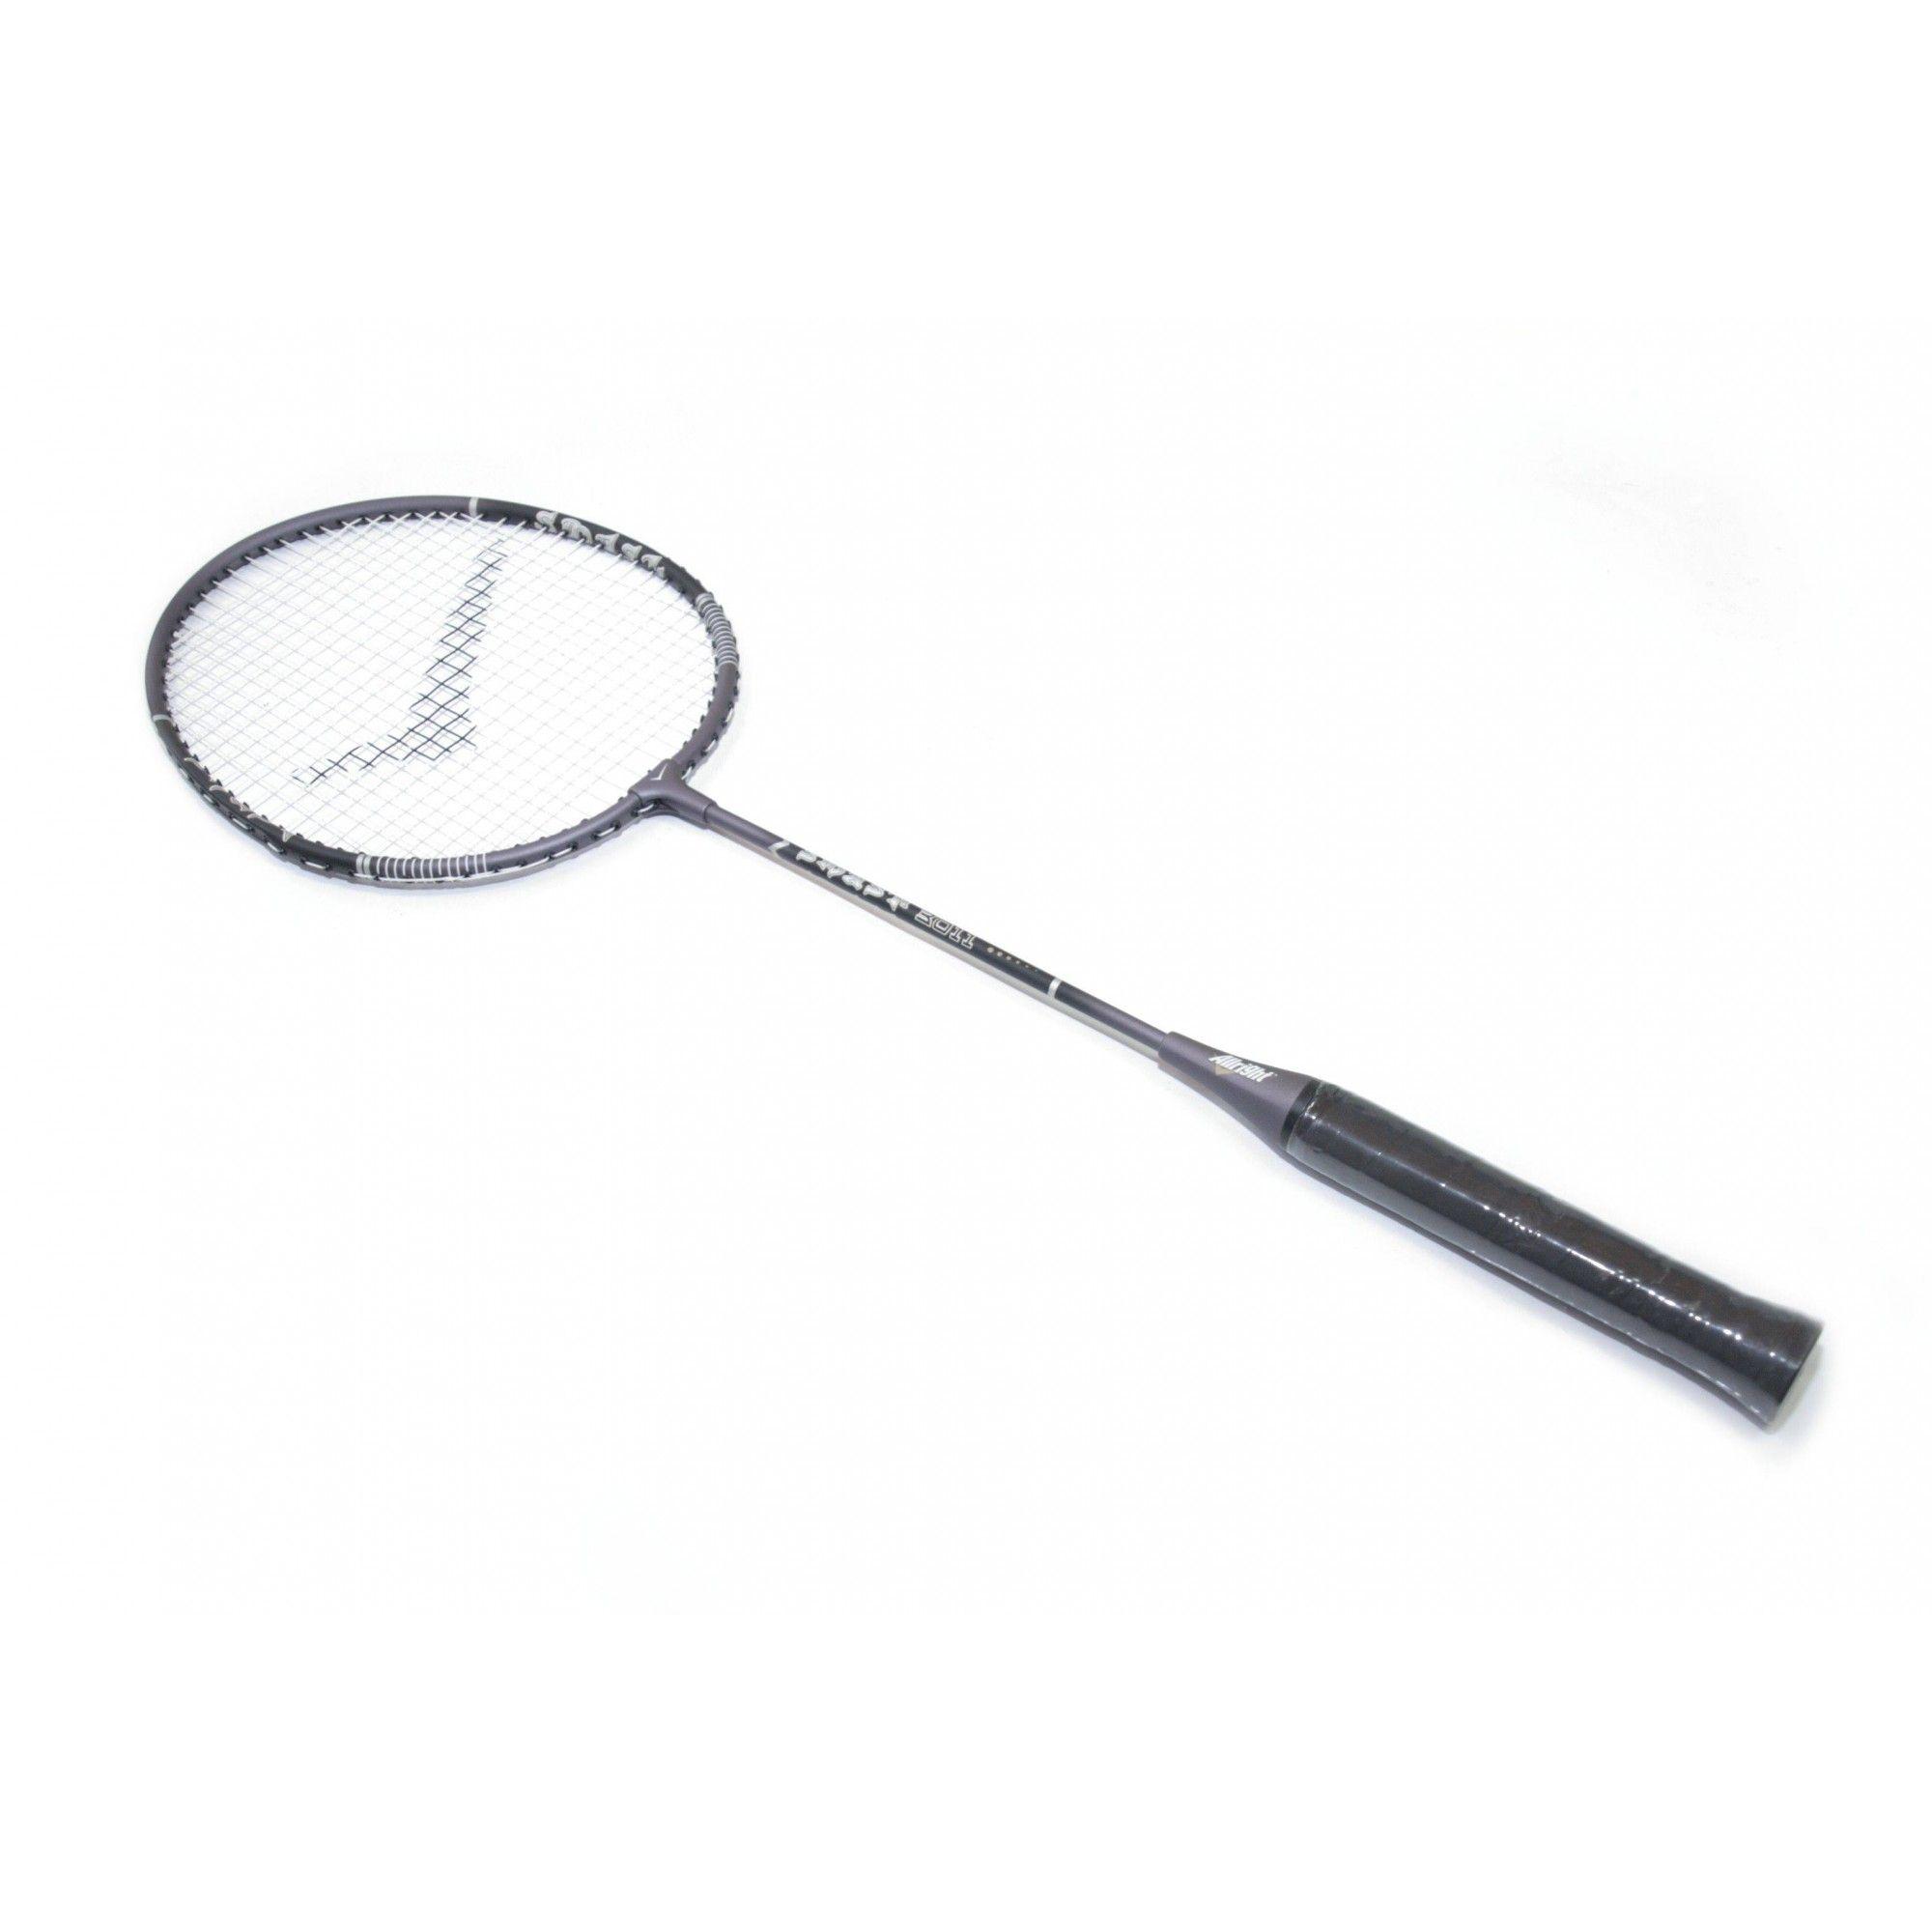 Rakieta do badmintona SMASH 3011 ALLRIGHT,producent: ALLRIGHT, photo: 1